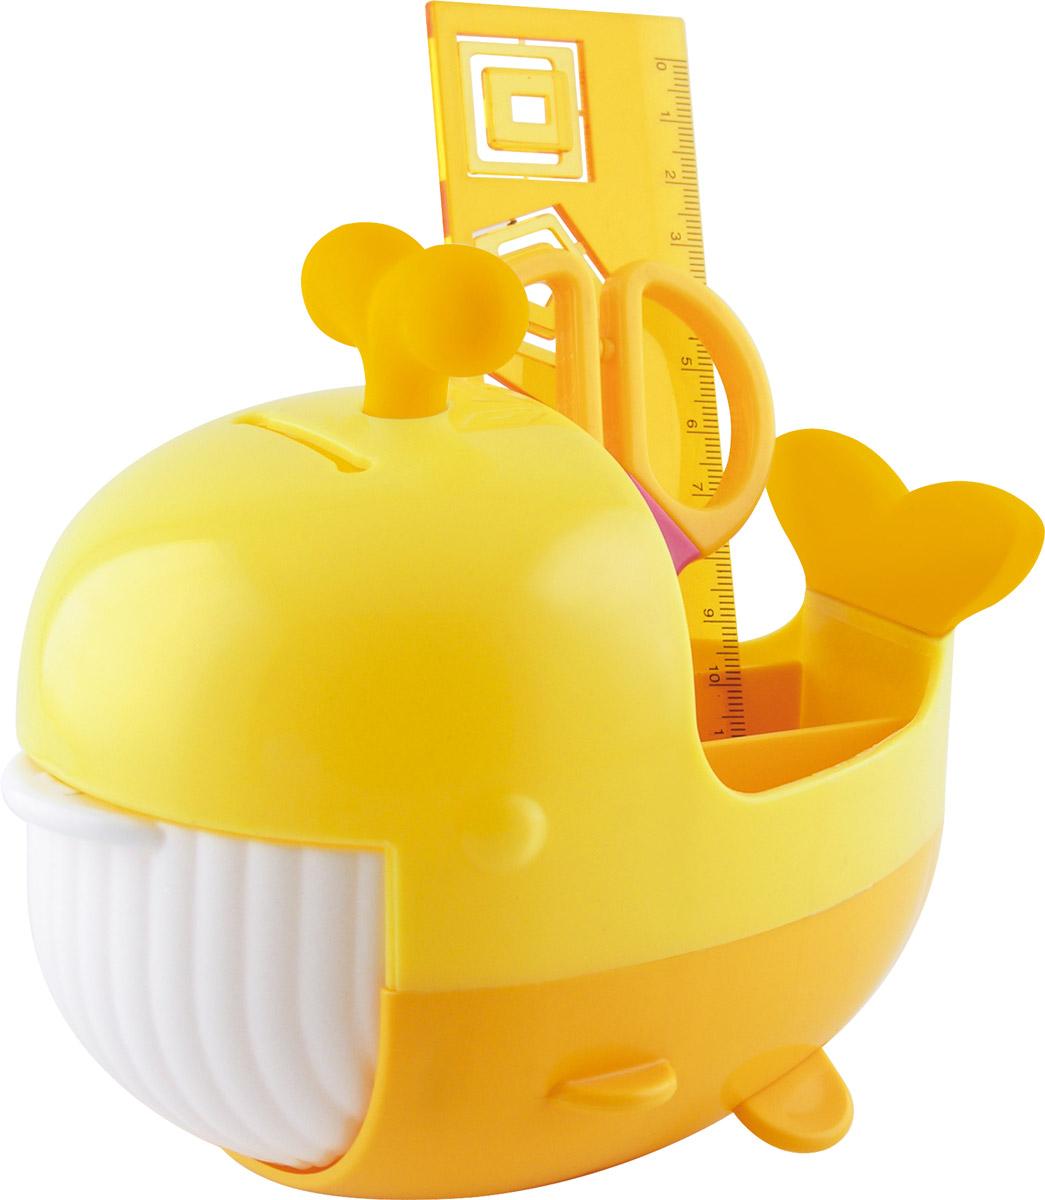 Фото Brauberg Канцелярский набор Кит цвет желтый оранжевый 4 предмета. Купить  в РФ